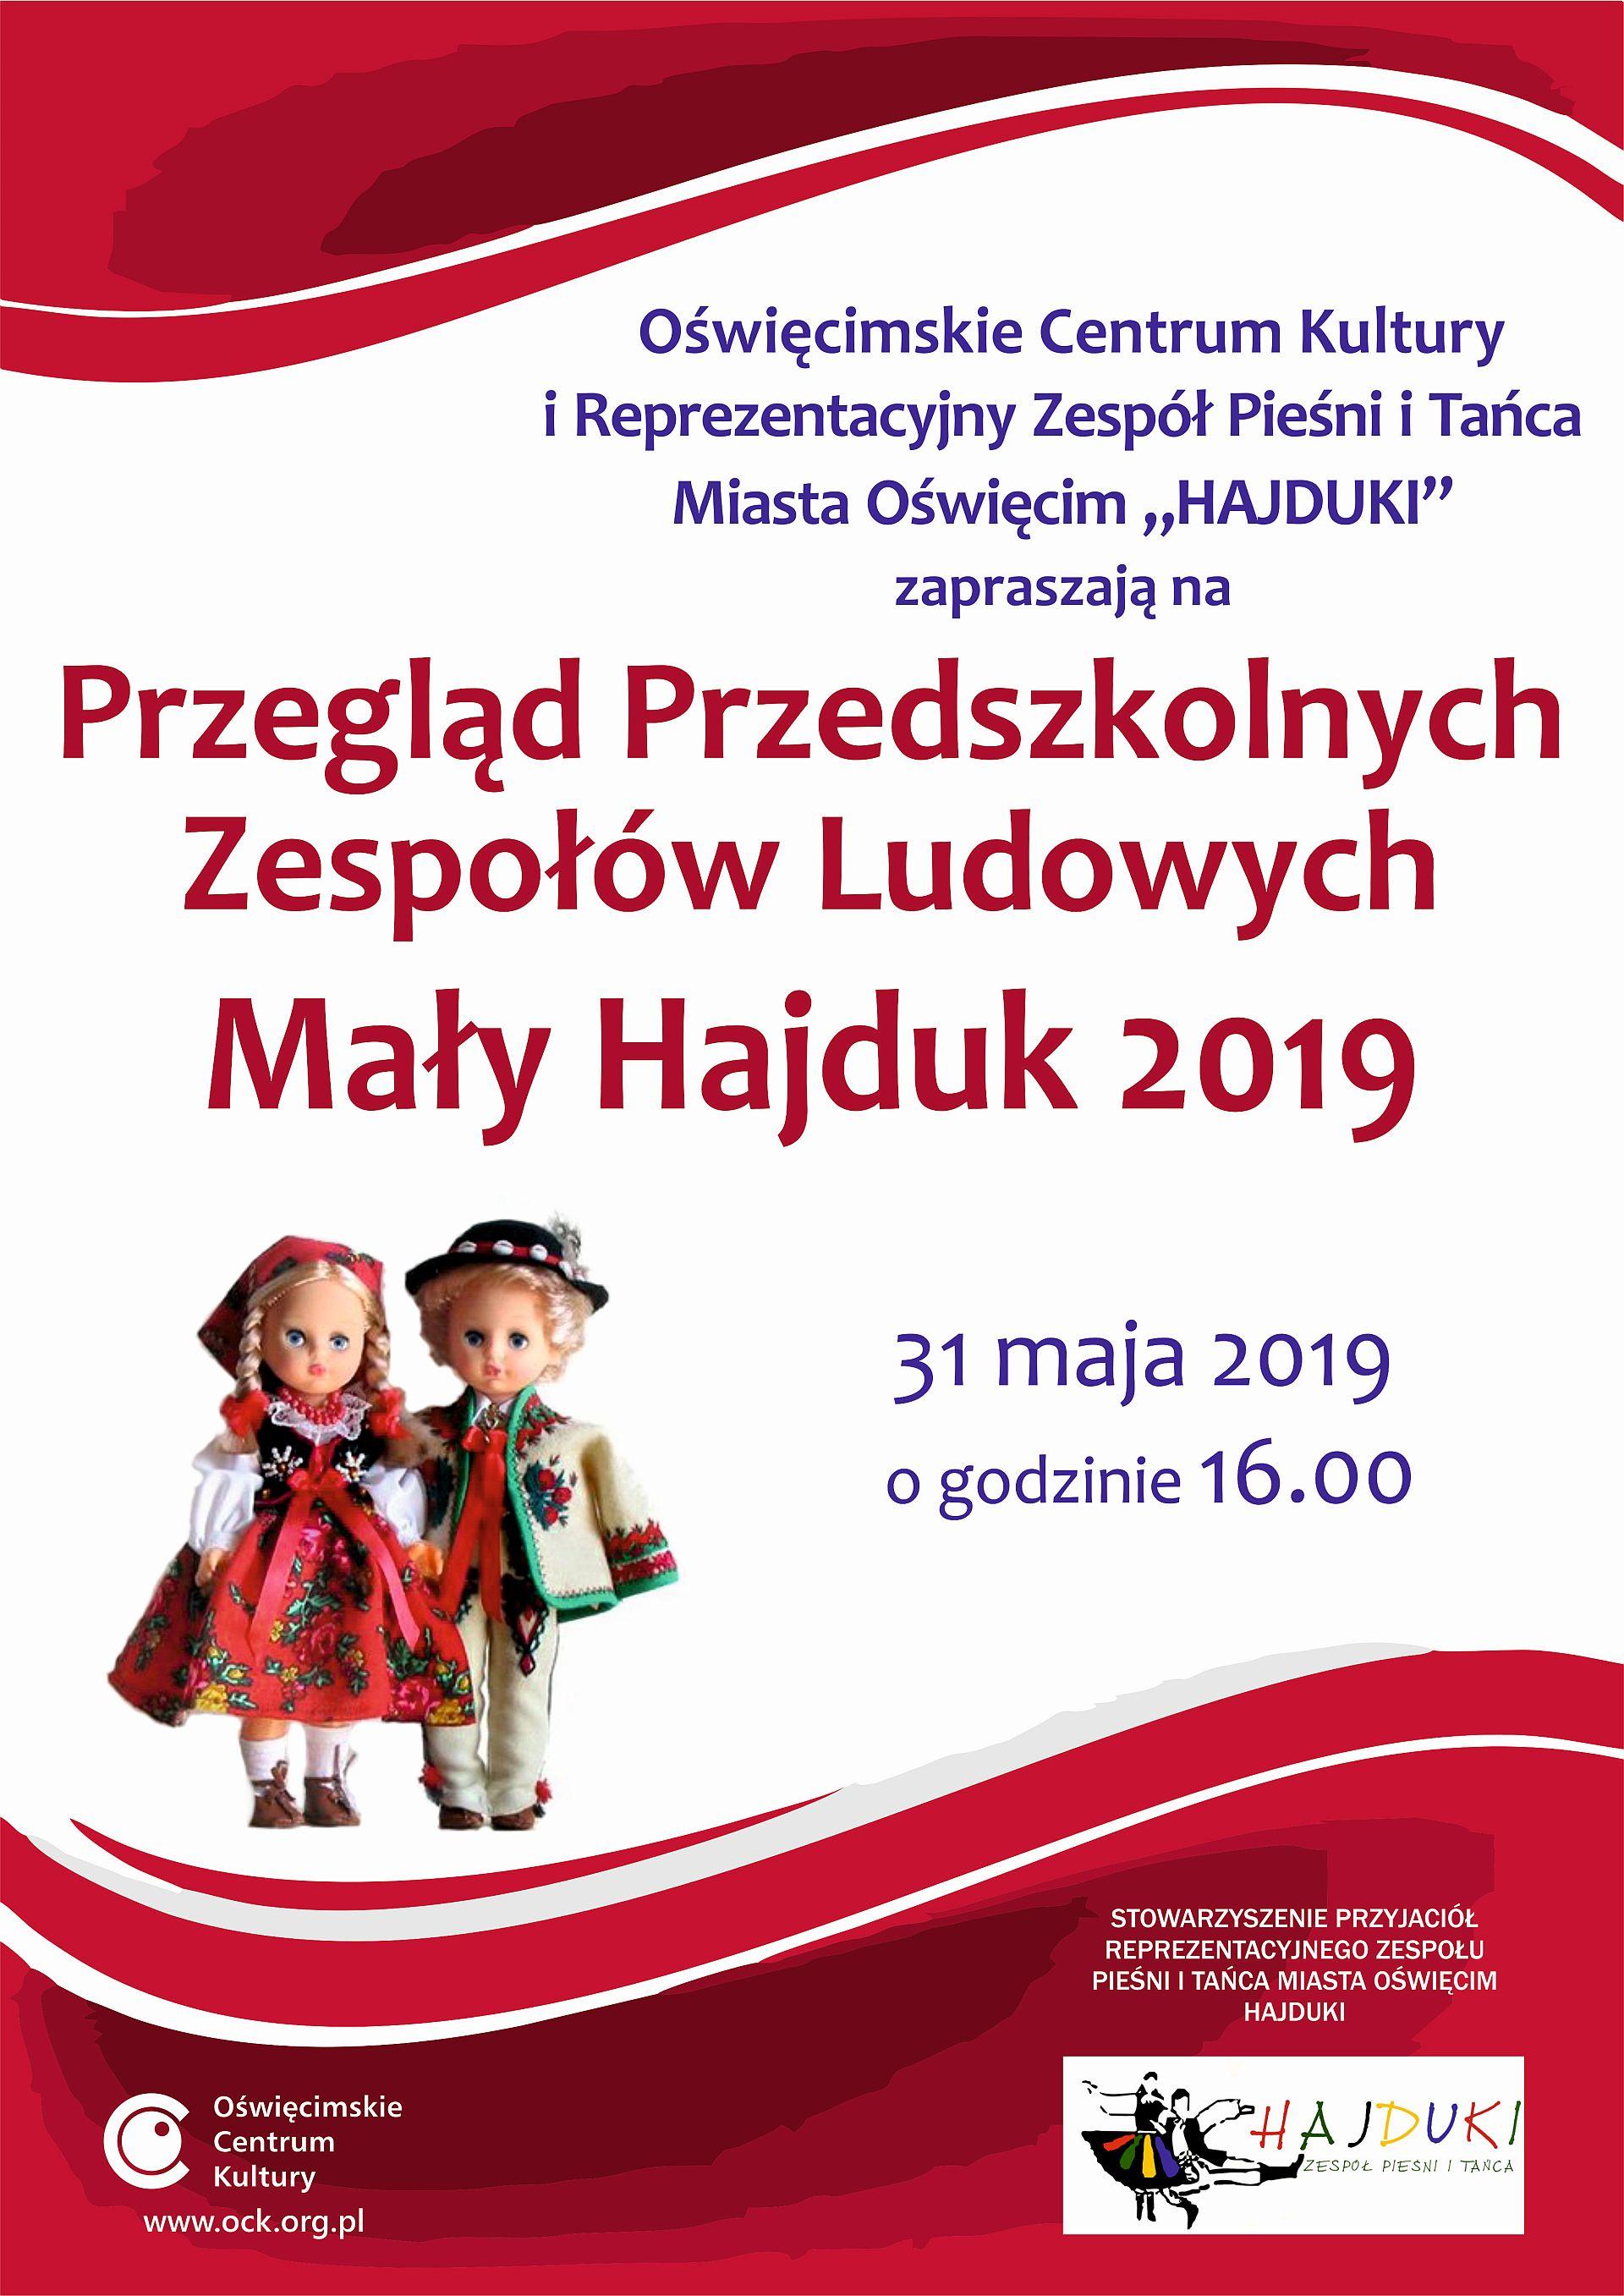 """,,Mały Hajduk"""" – Przegląd Przedszkolnych Zespołów Ludowych w Oświęcimskie Centrum Kultury"""